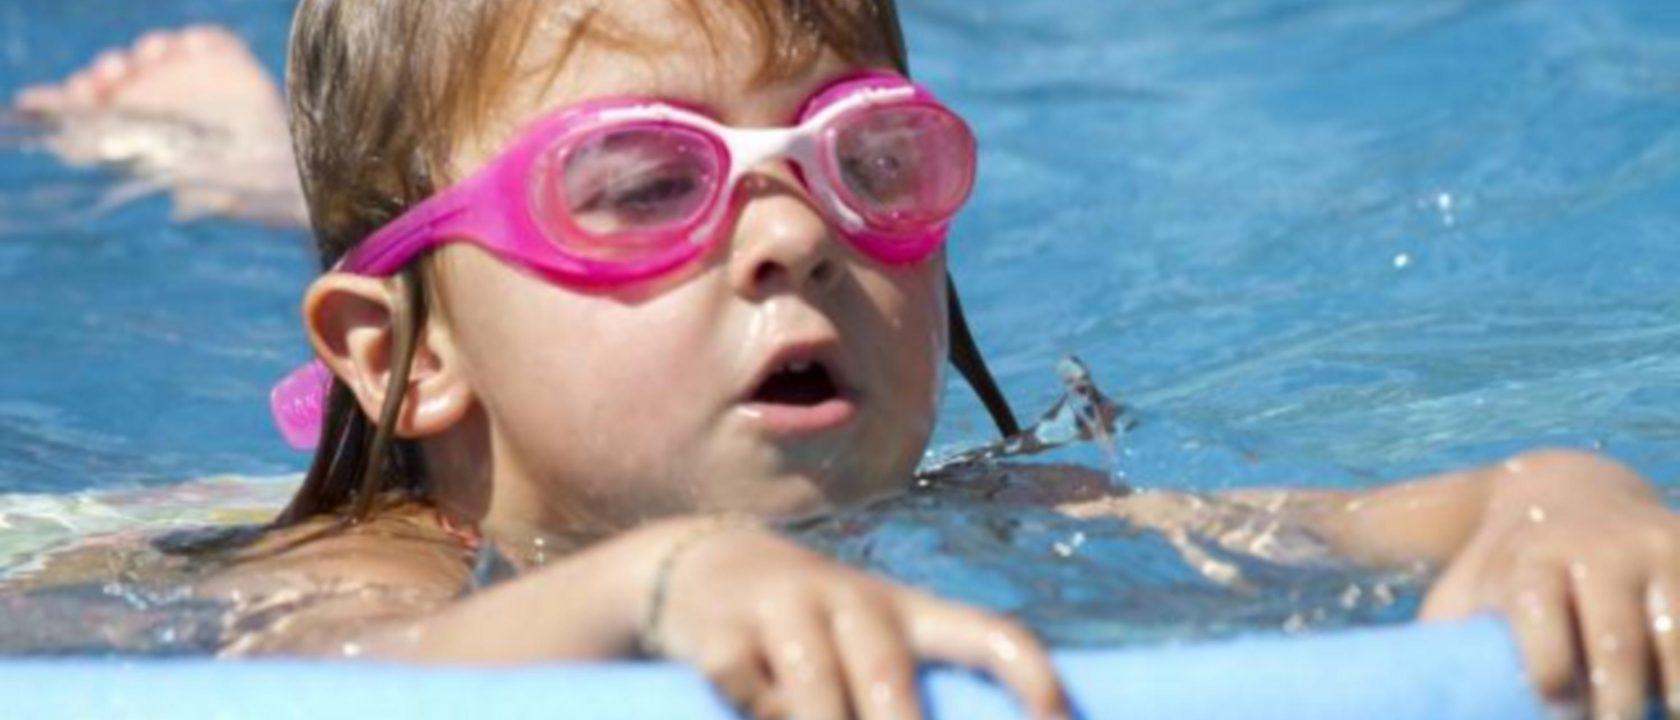 Permalink to:Şcoala de înot